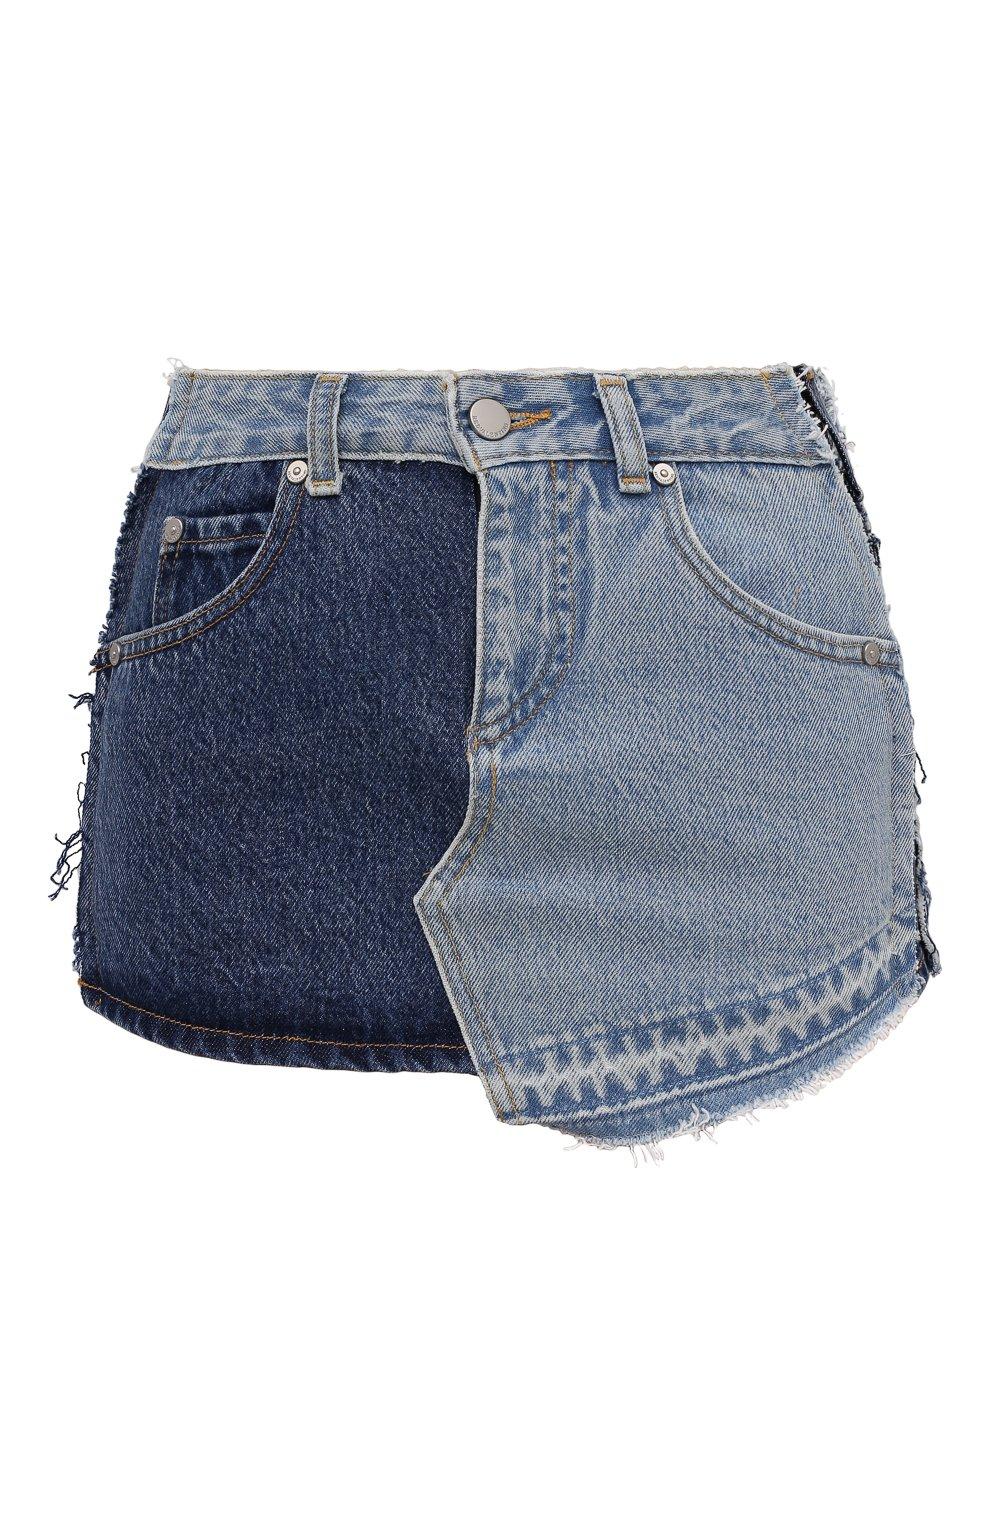 Женские джинсовые шорты REDVALENTINO синего цвета, арт. VR0DD04H/5TT   Фото 1 (Женское Кросс-КТ: Шорты-одежда; Кросс-КТ: Деним; Длина Ж (юбки, платья, шорты): Мини; Материал внешний: Хлопок; Стили: Спорт-шик)